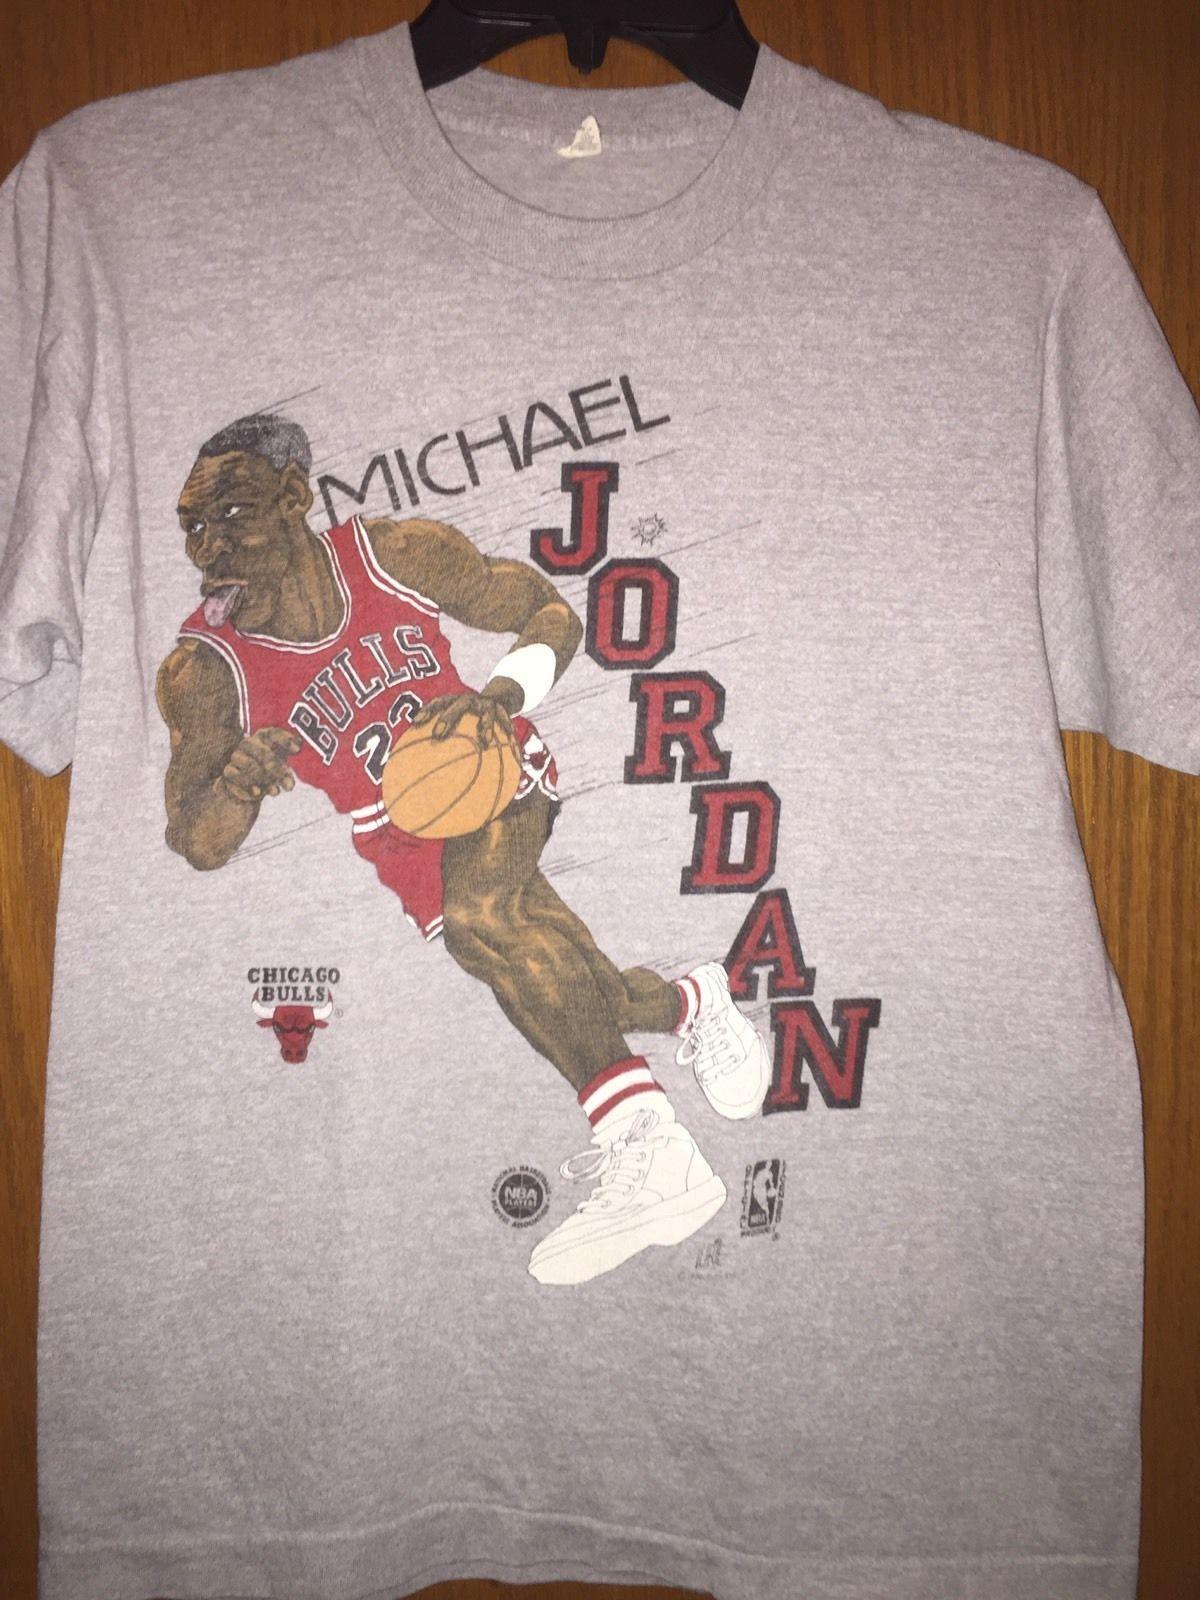 Vtg MICHAEL JORDAN 1980s Screen Stars Shirt Chicago Bulls Basketball